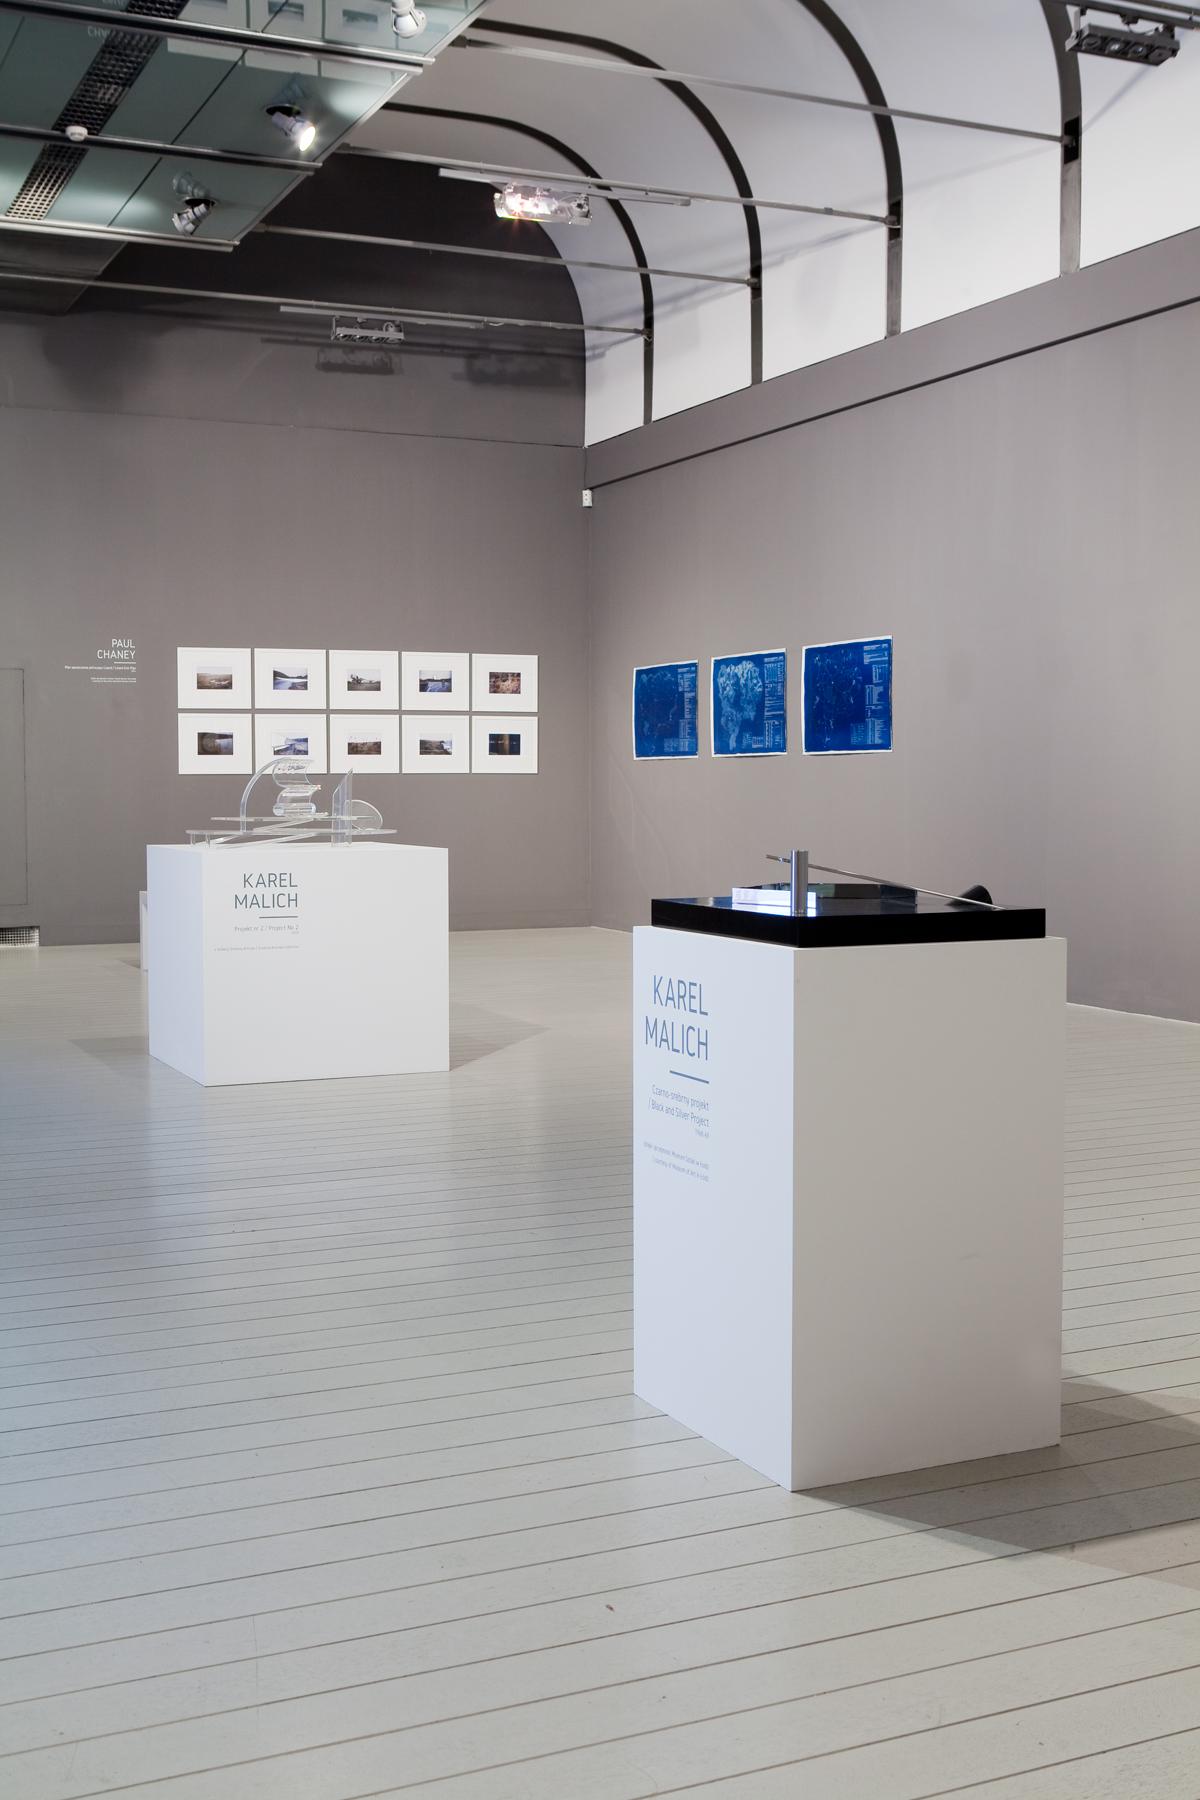 Wystawa Druga jesień, galeria Art Stations, Poznań